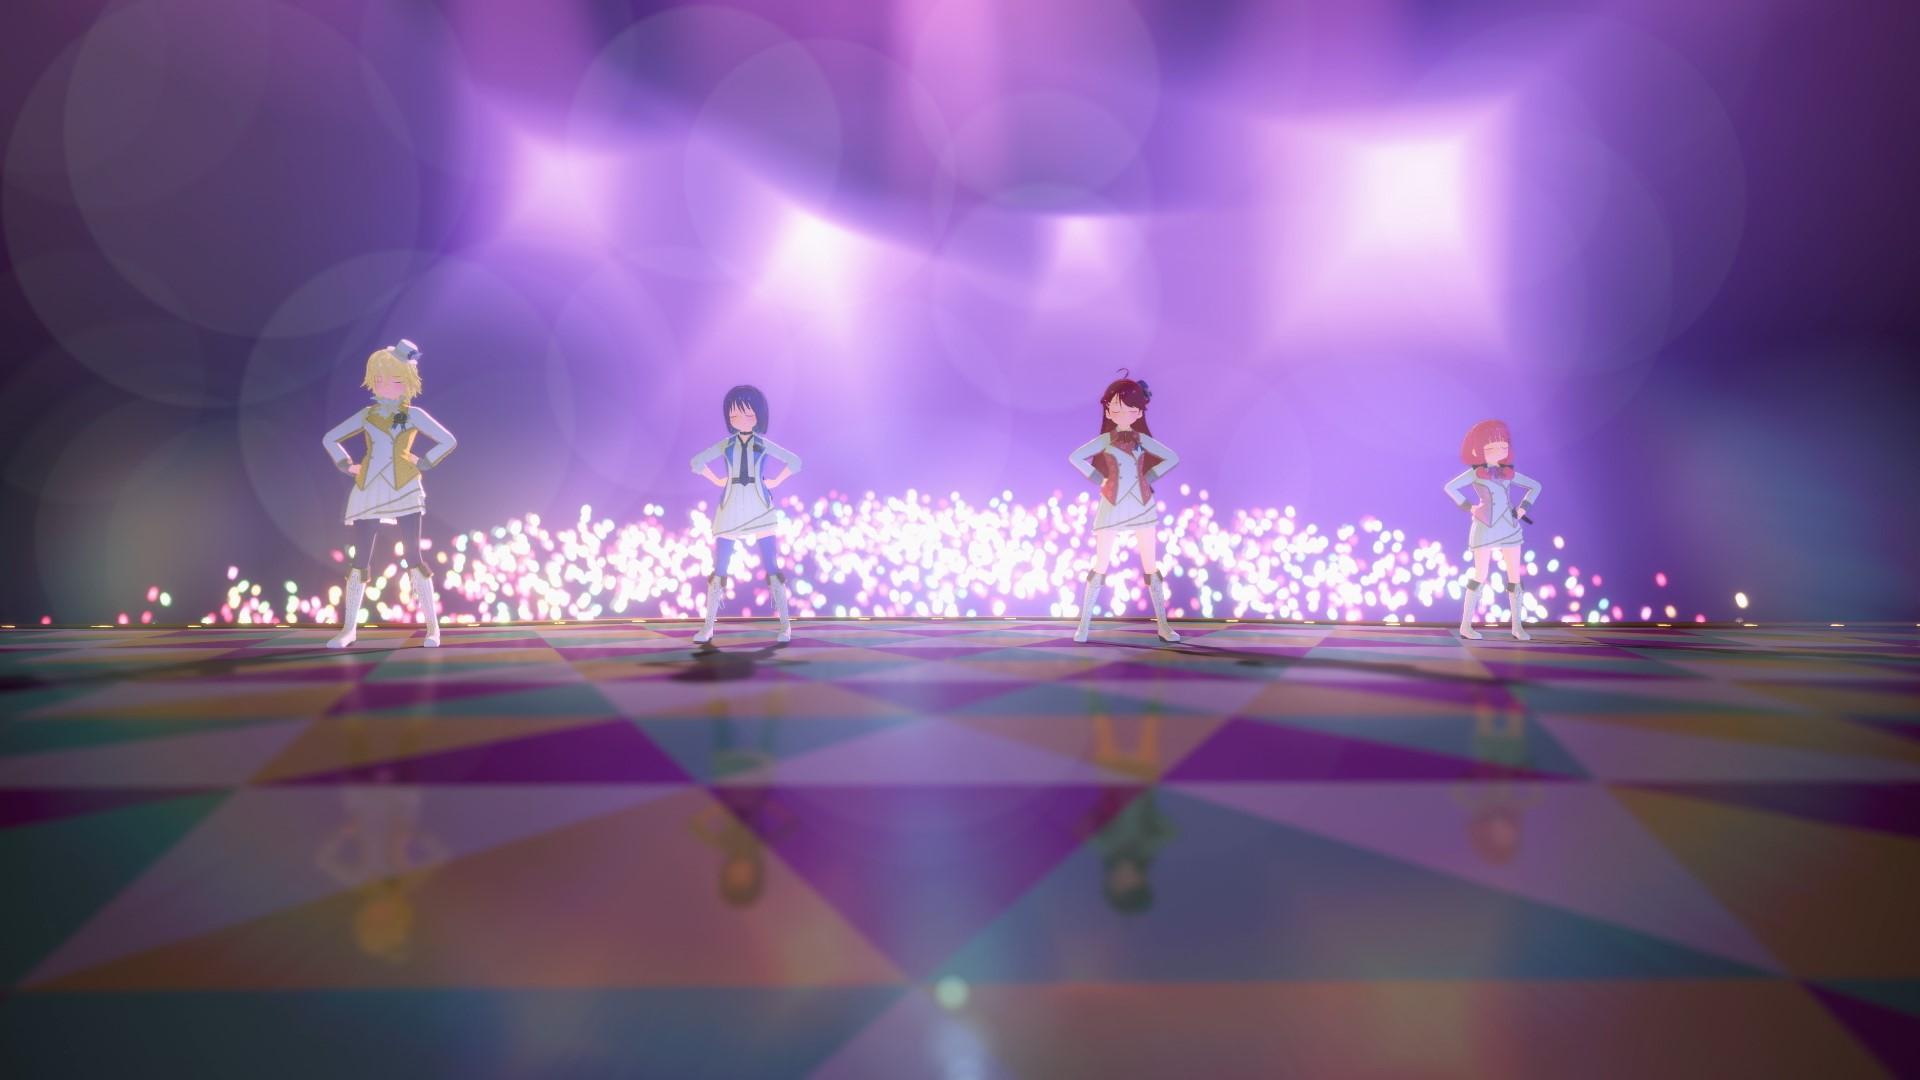 アイドールズ!First Online Live!! | アイドールズ!(留冬藍名 / 水野亜美 / 花岡志織 / 屋代瑠花)